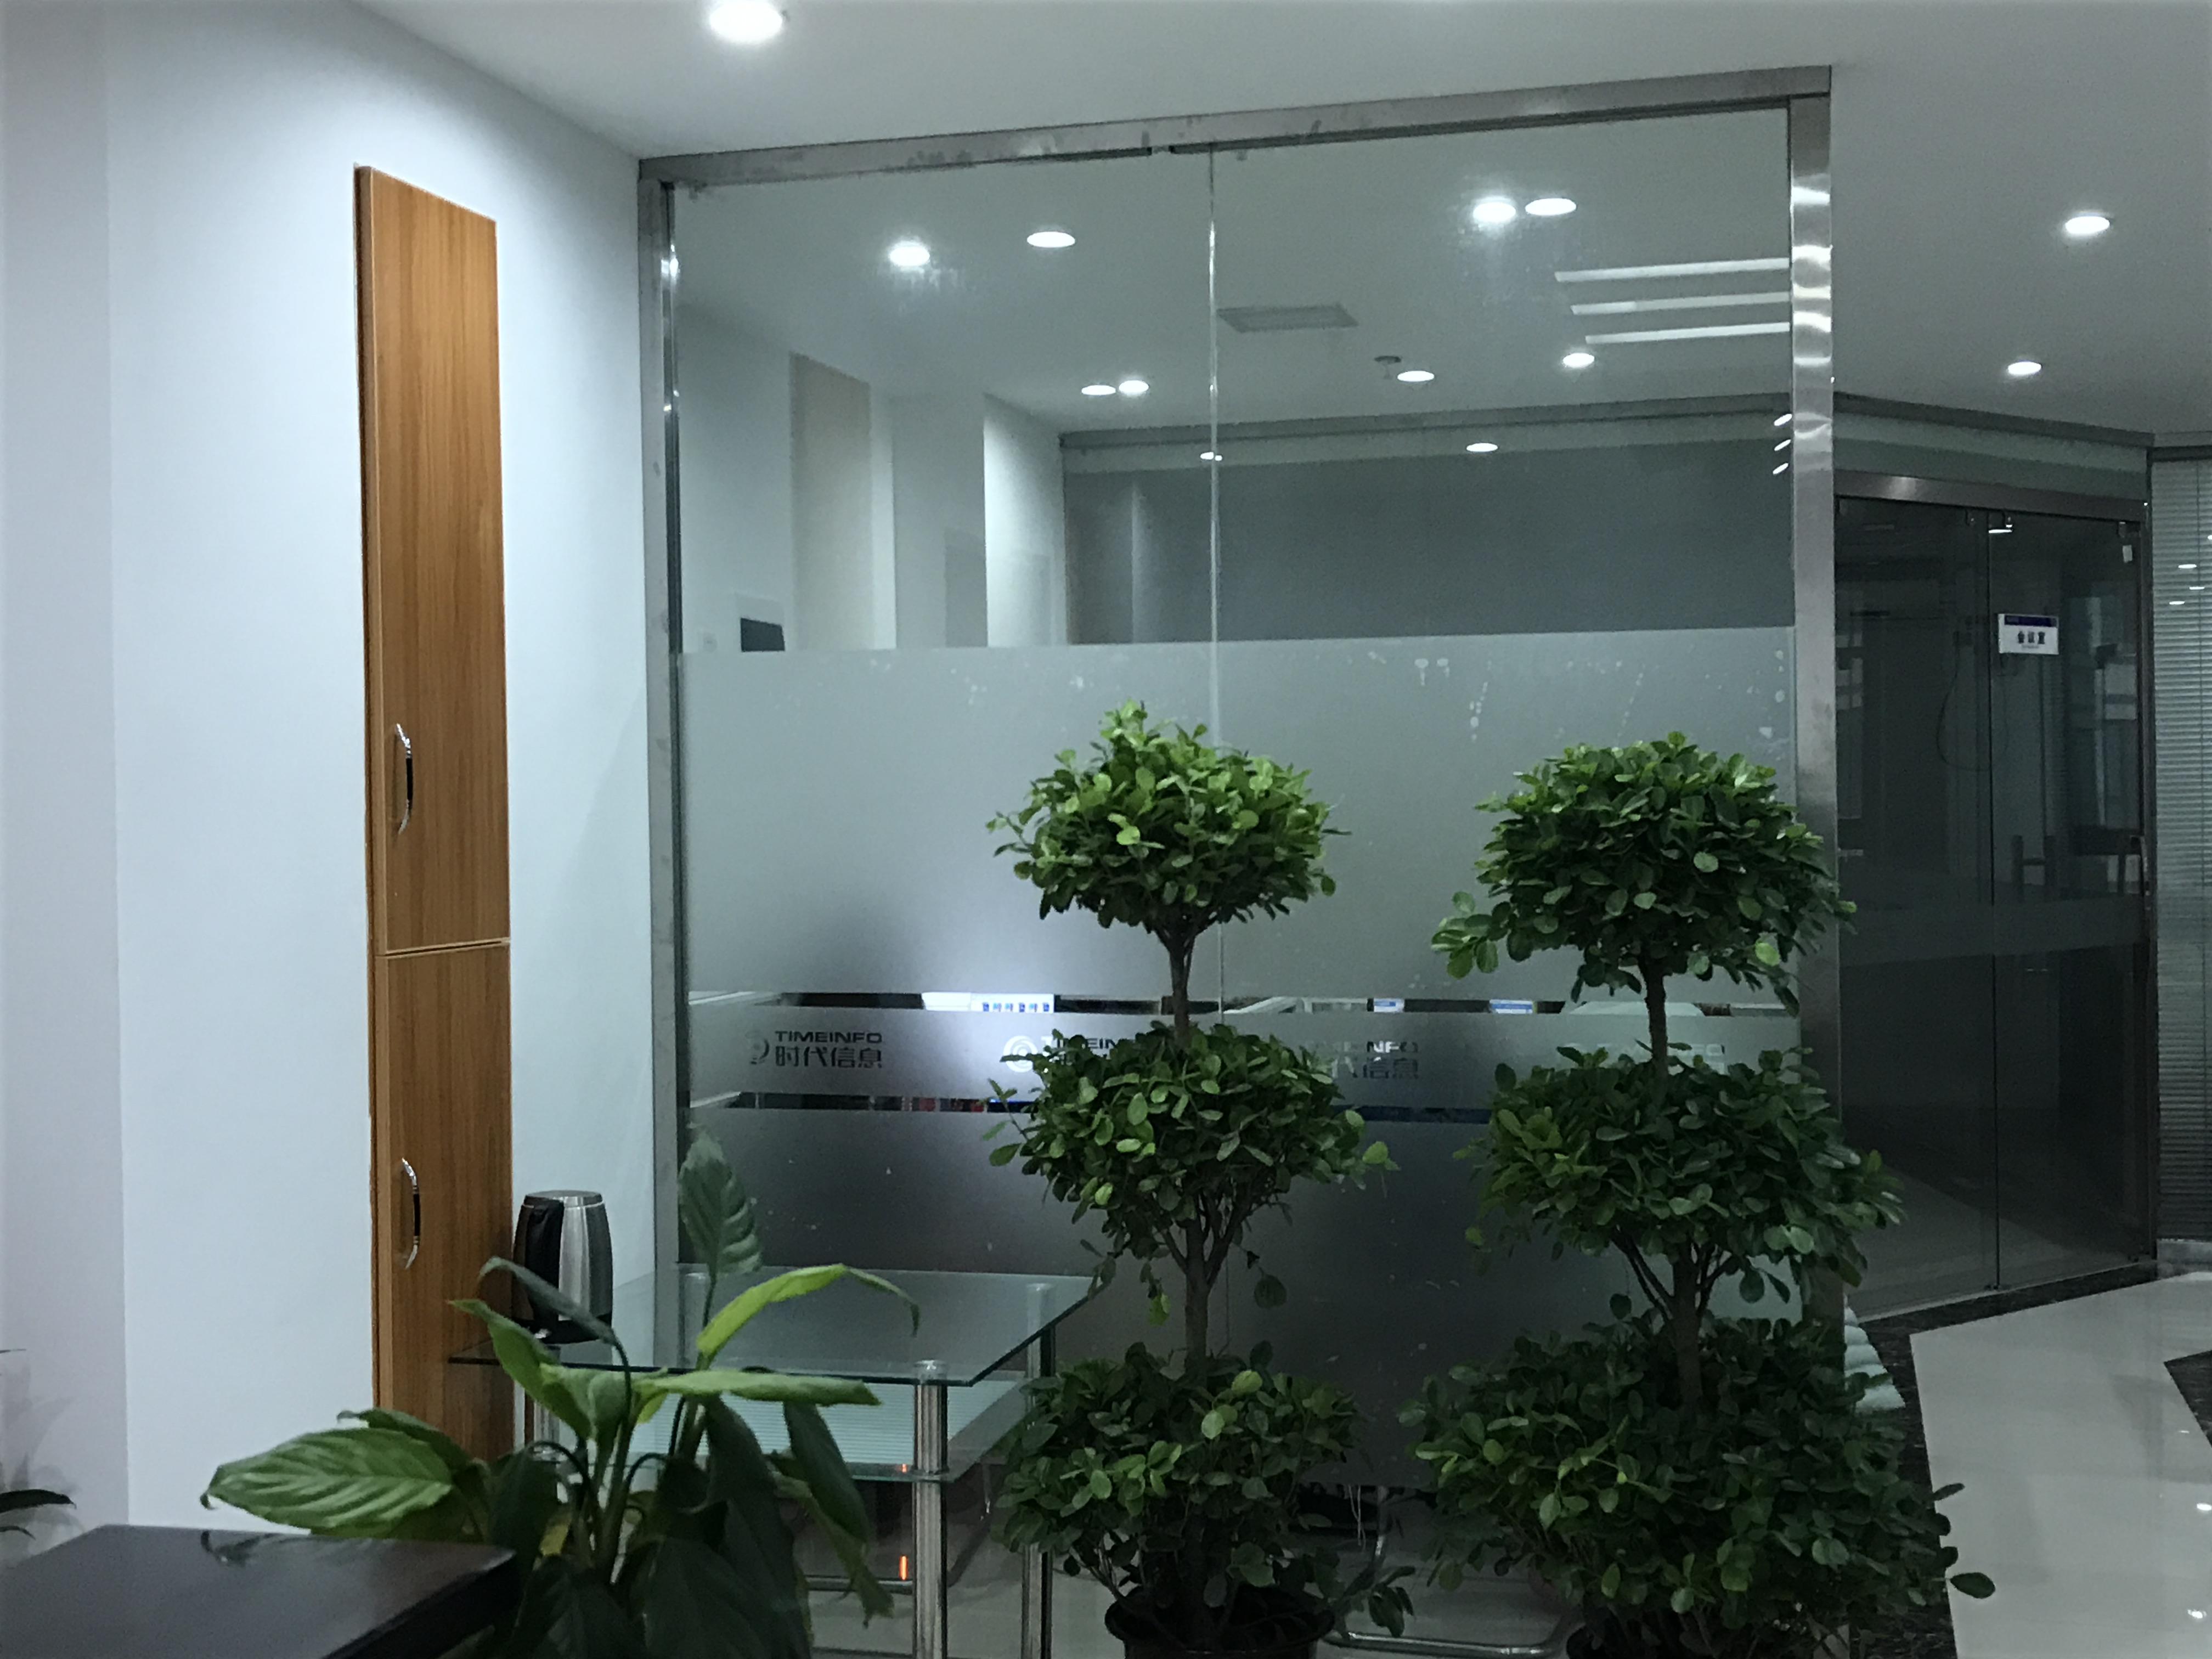 湘潭时代信息万达办公室照片-626989583193919379